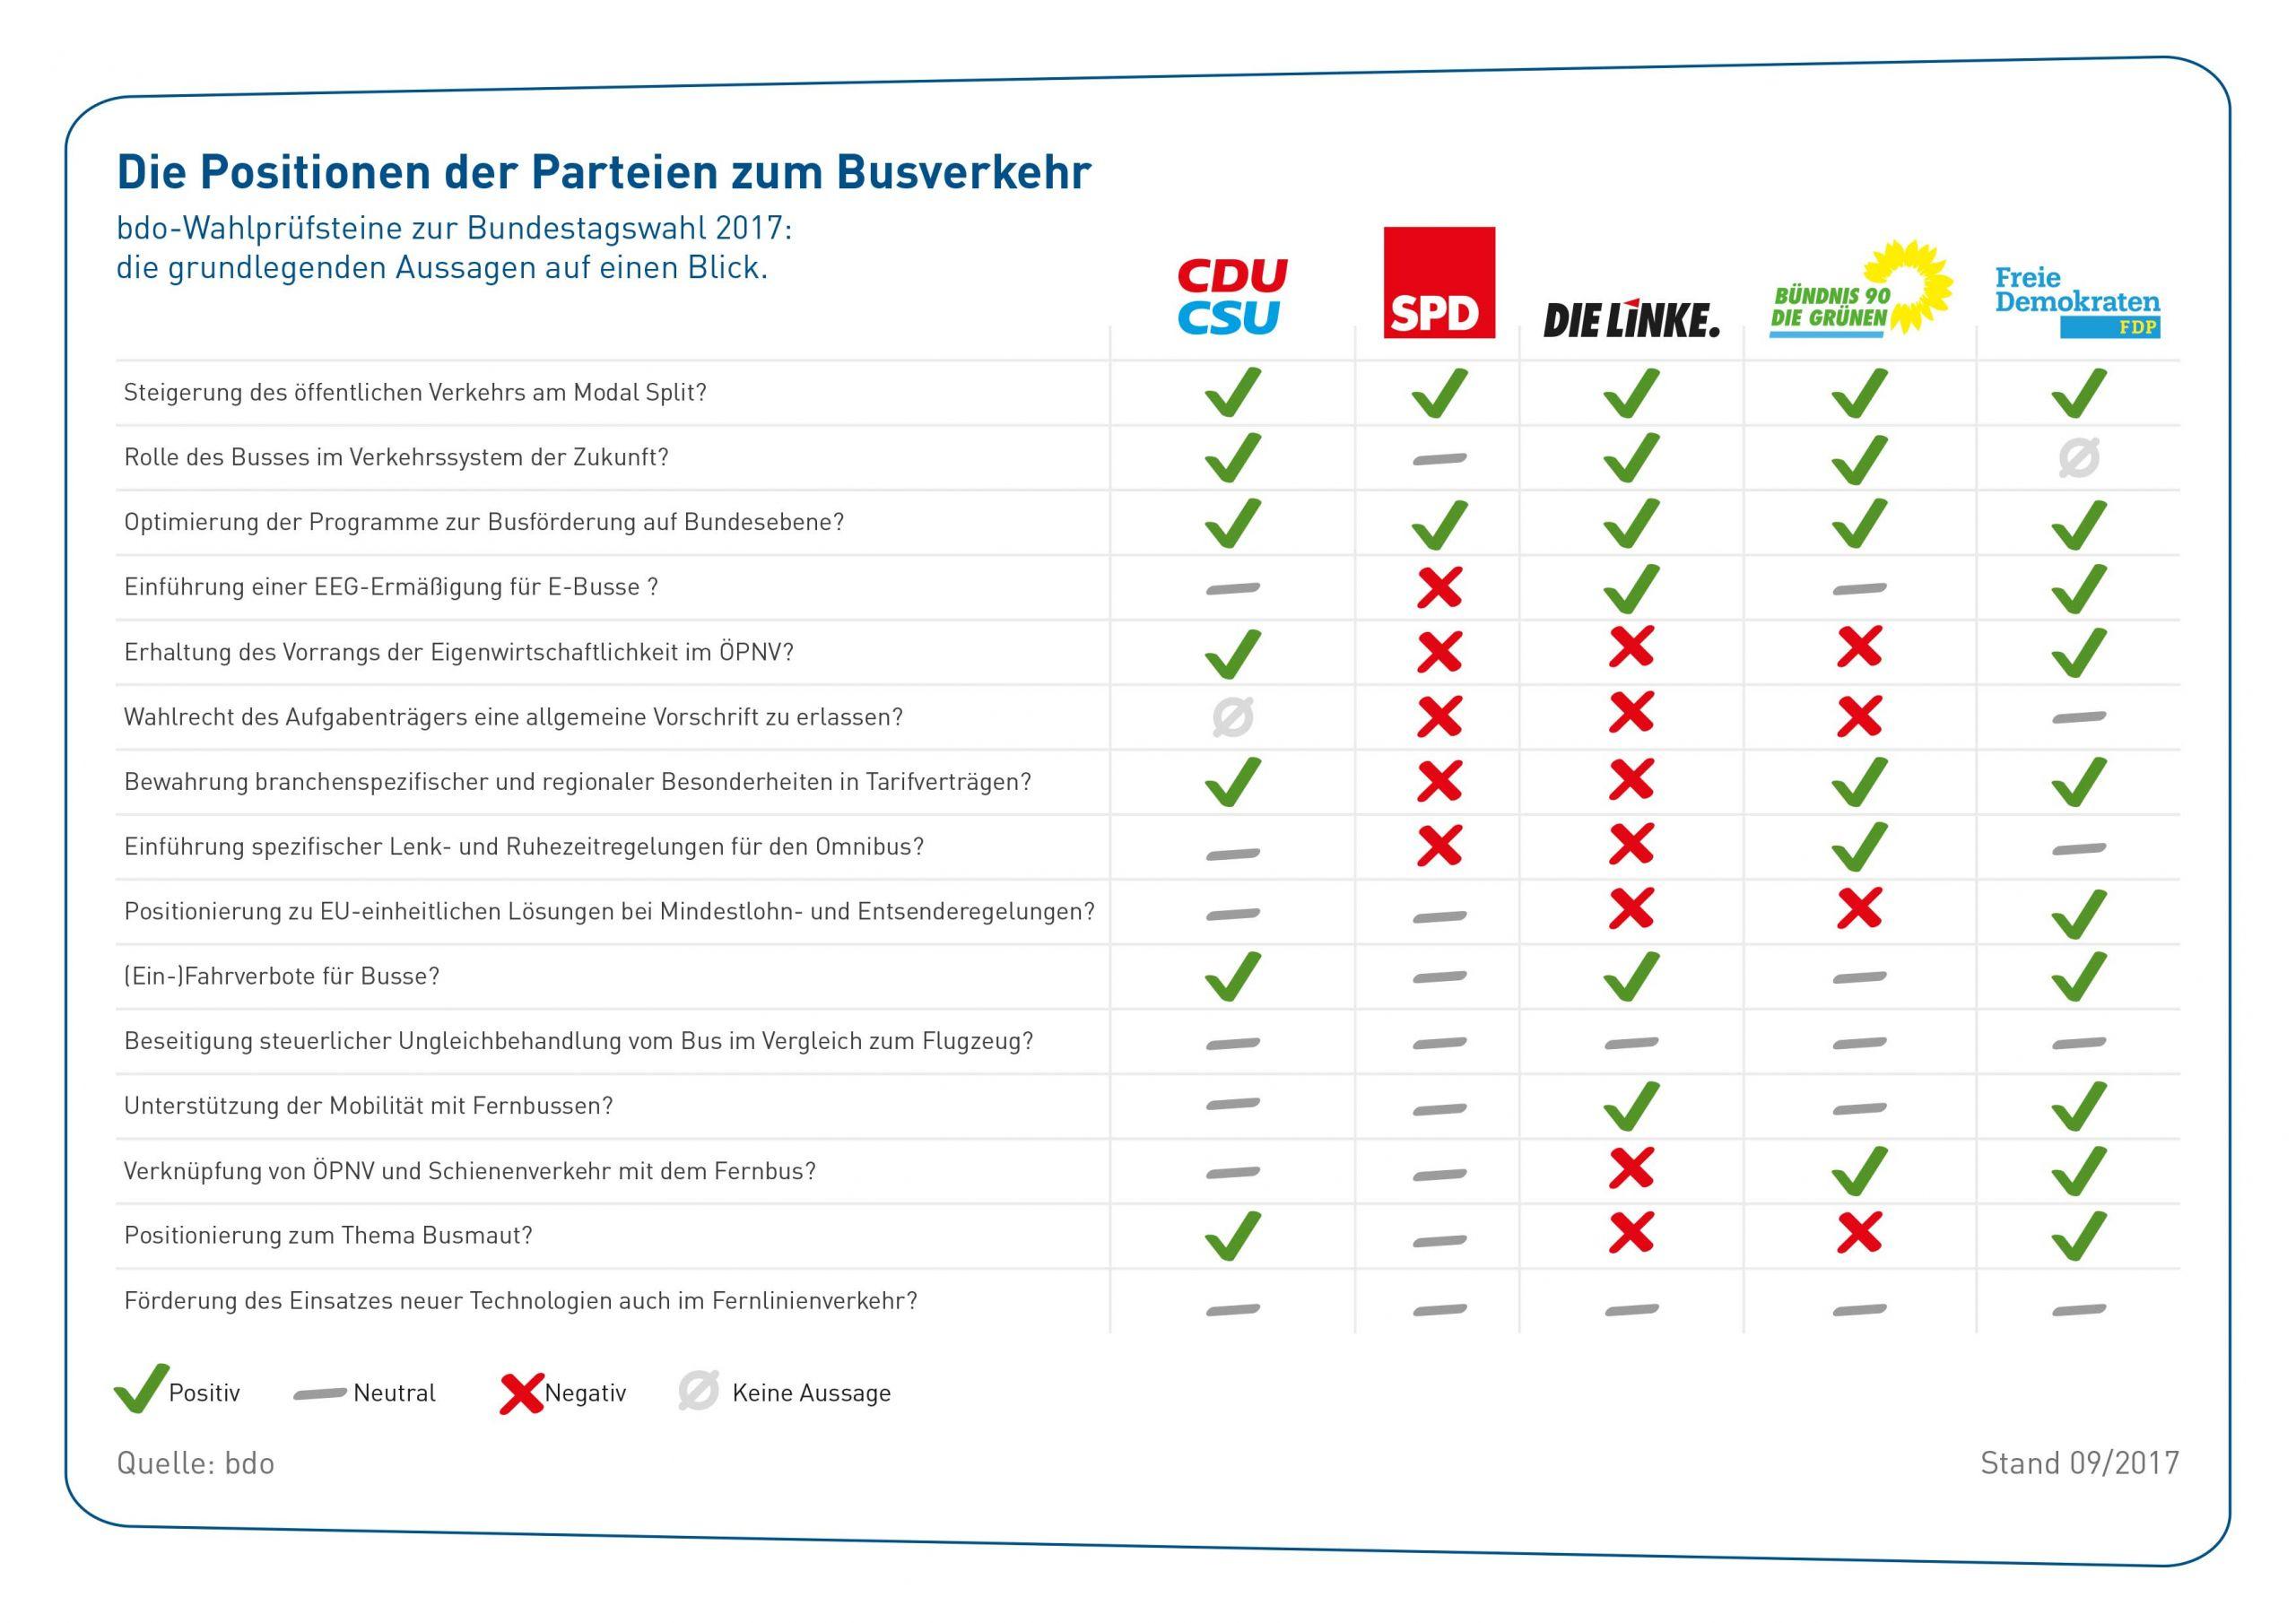 Die Positionen der Parteien zum Busverkehr web